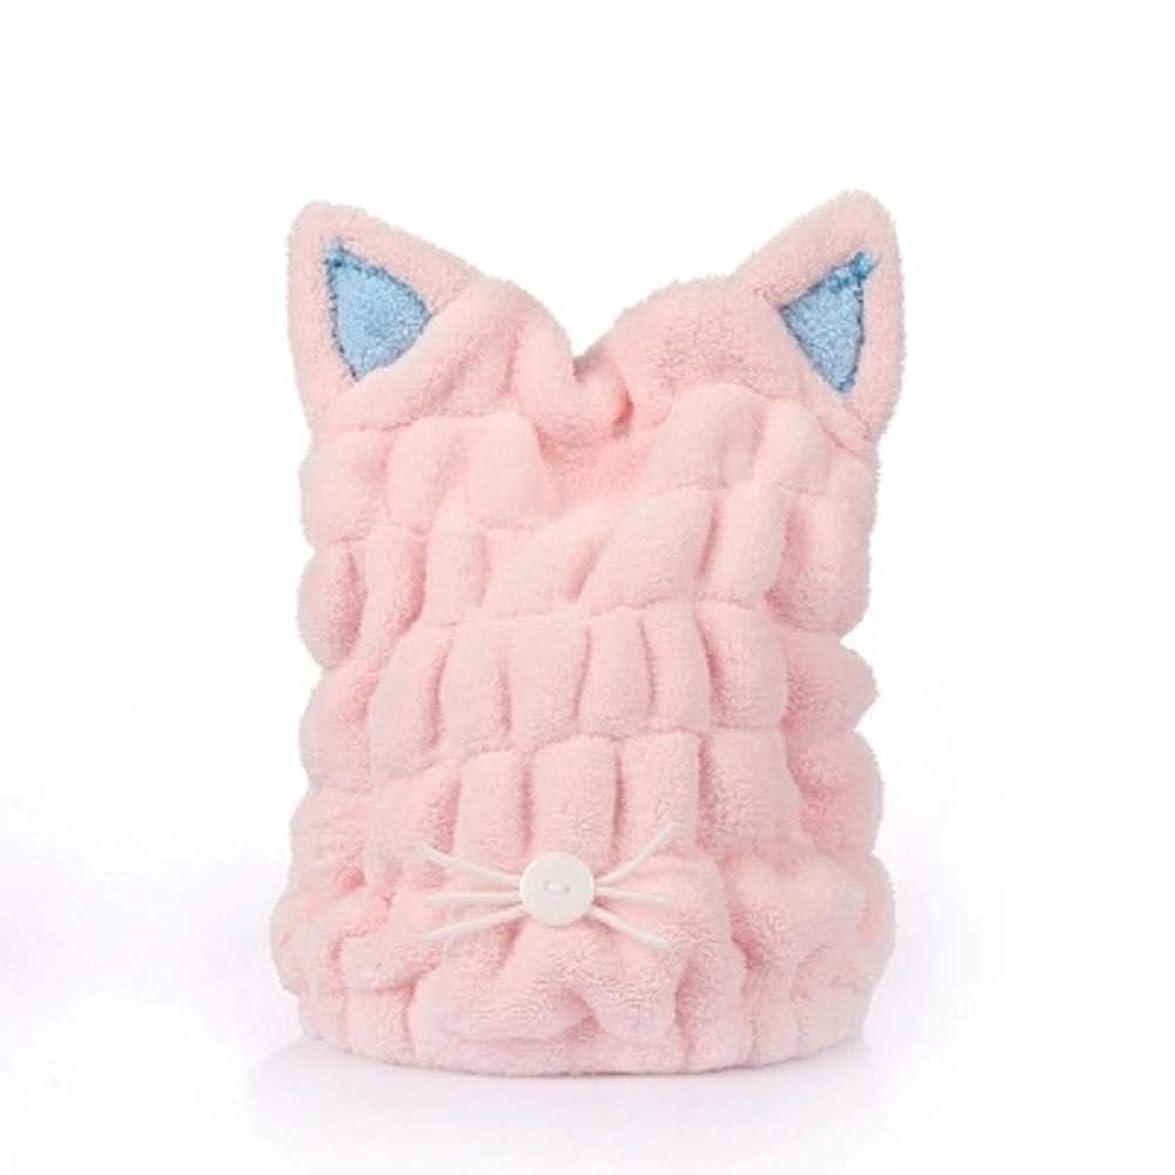 パラナ川バケット不健康Onior タオルキャップ 猫耳 ヘアドライキャップ 吸水 乾燥用 かわいい マイクロファイバー ふわふわ アニマル タオル お風呂用 (ピンク)